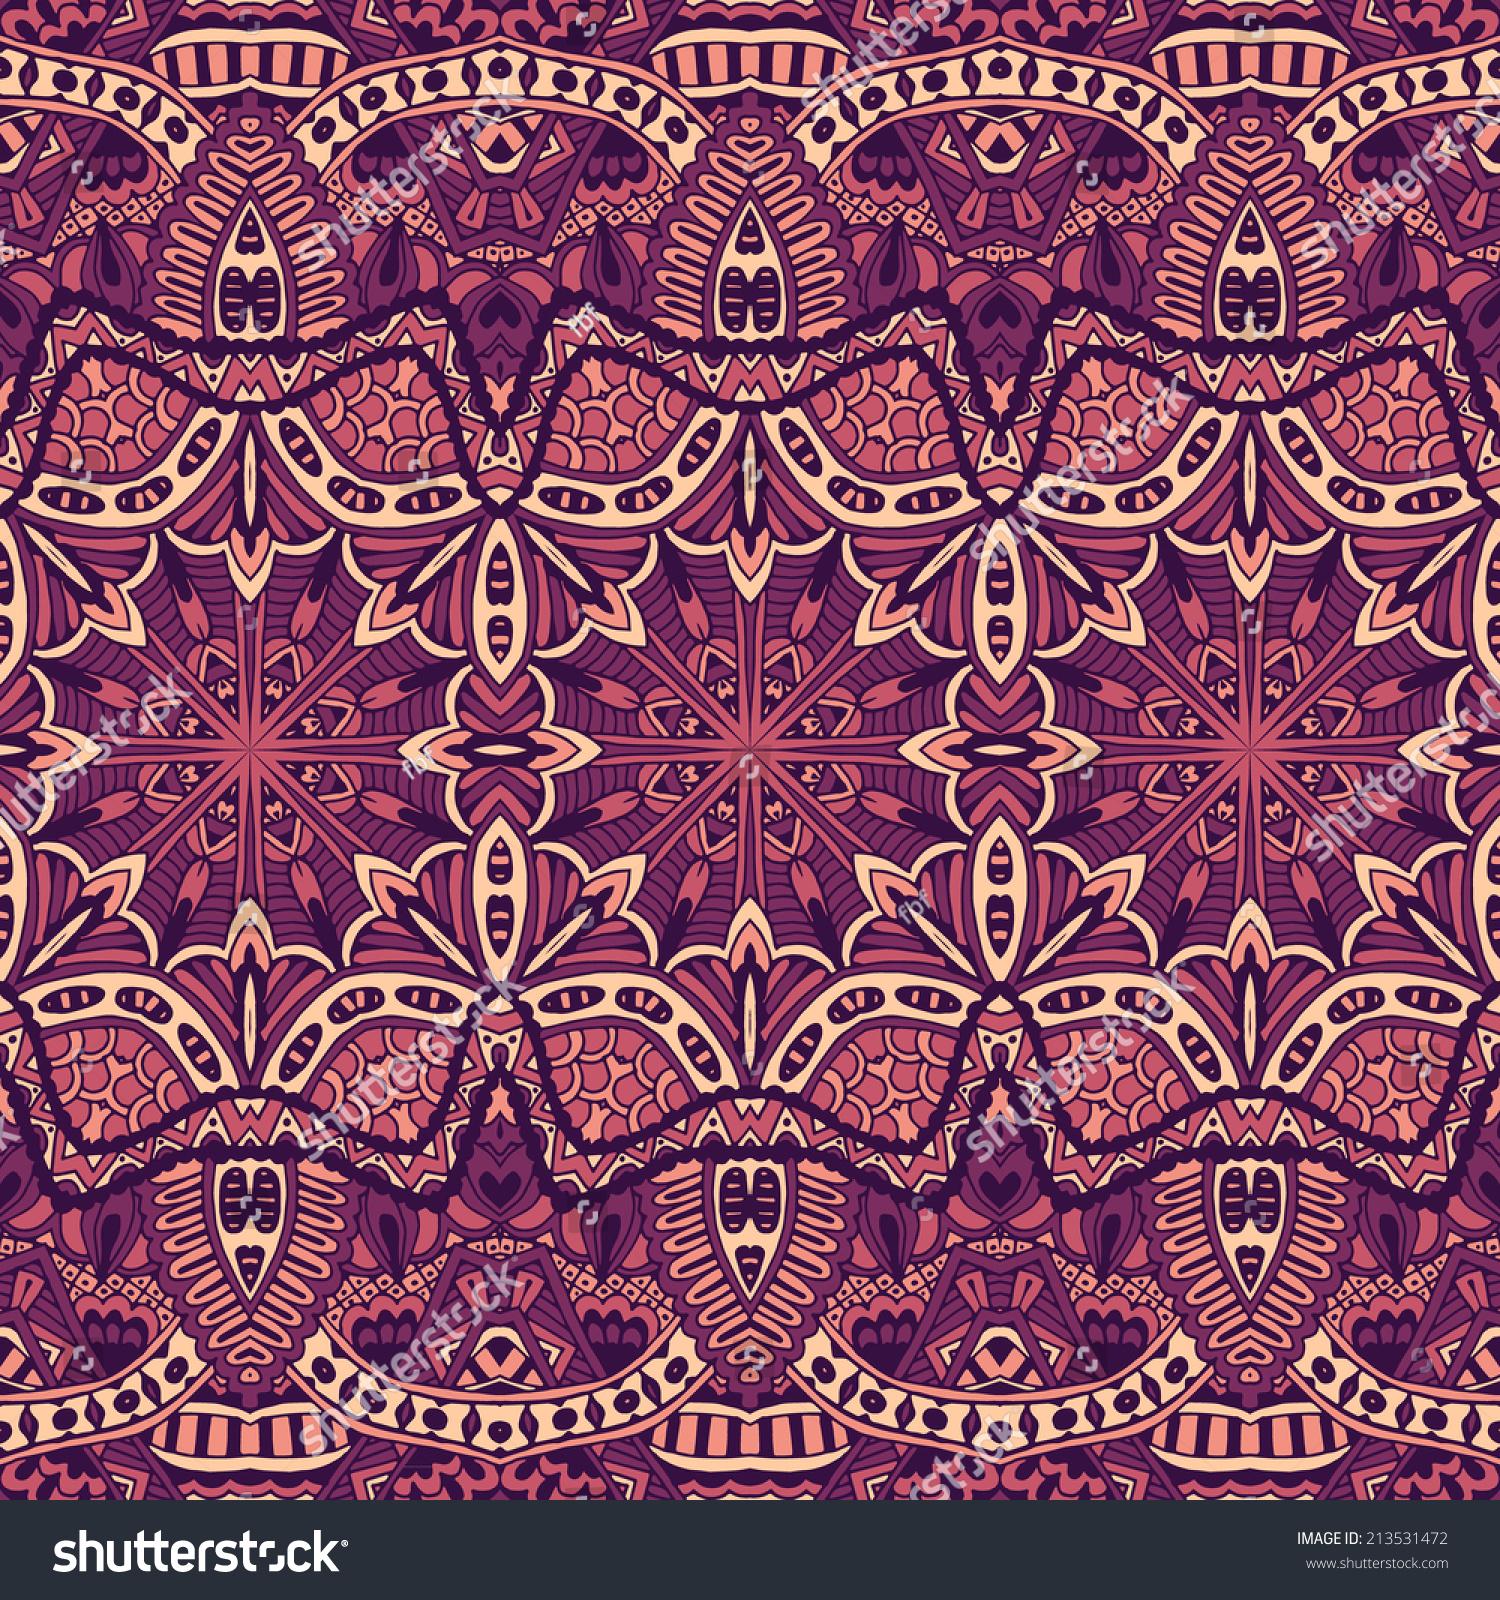 抽象复古民族无缝装饰背景纹理-背景/素材,抽象-海洛